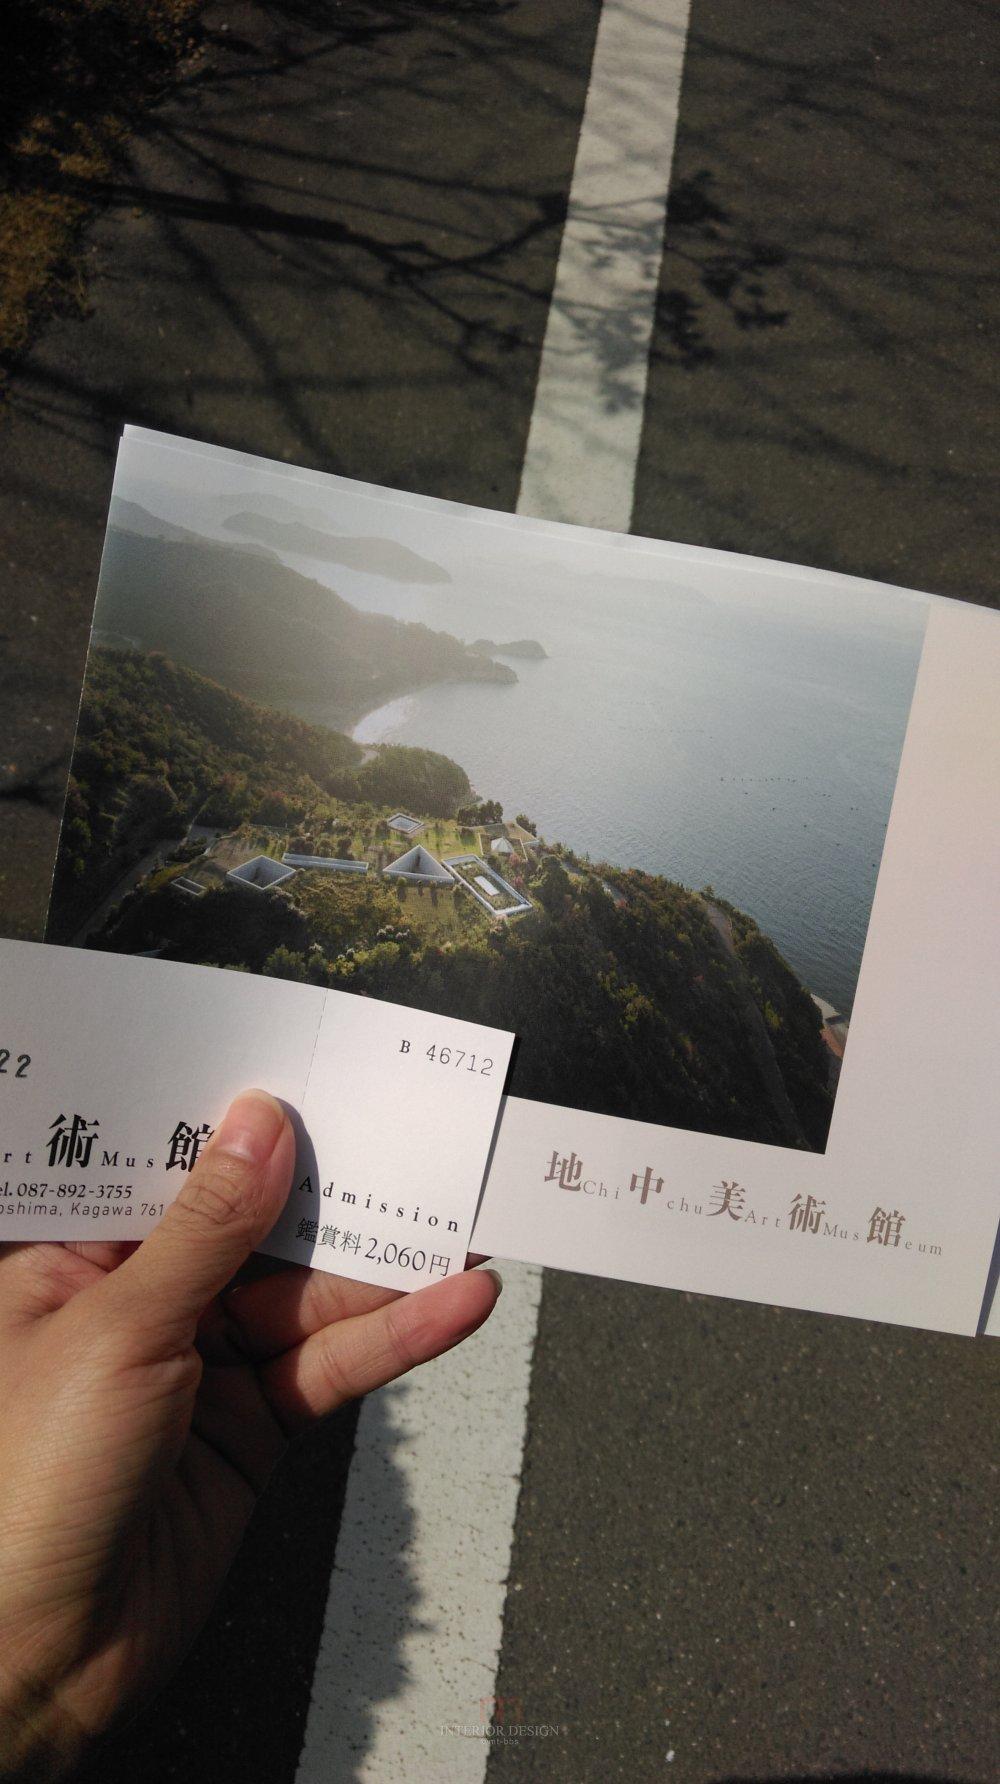 #伙伴一起看日本#  日本设计考察分享(更新美秀美术馆)_IMAG8773.jpg